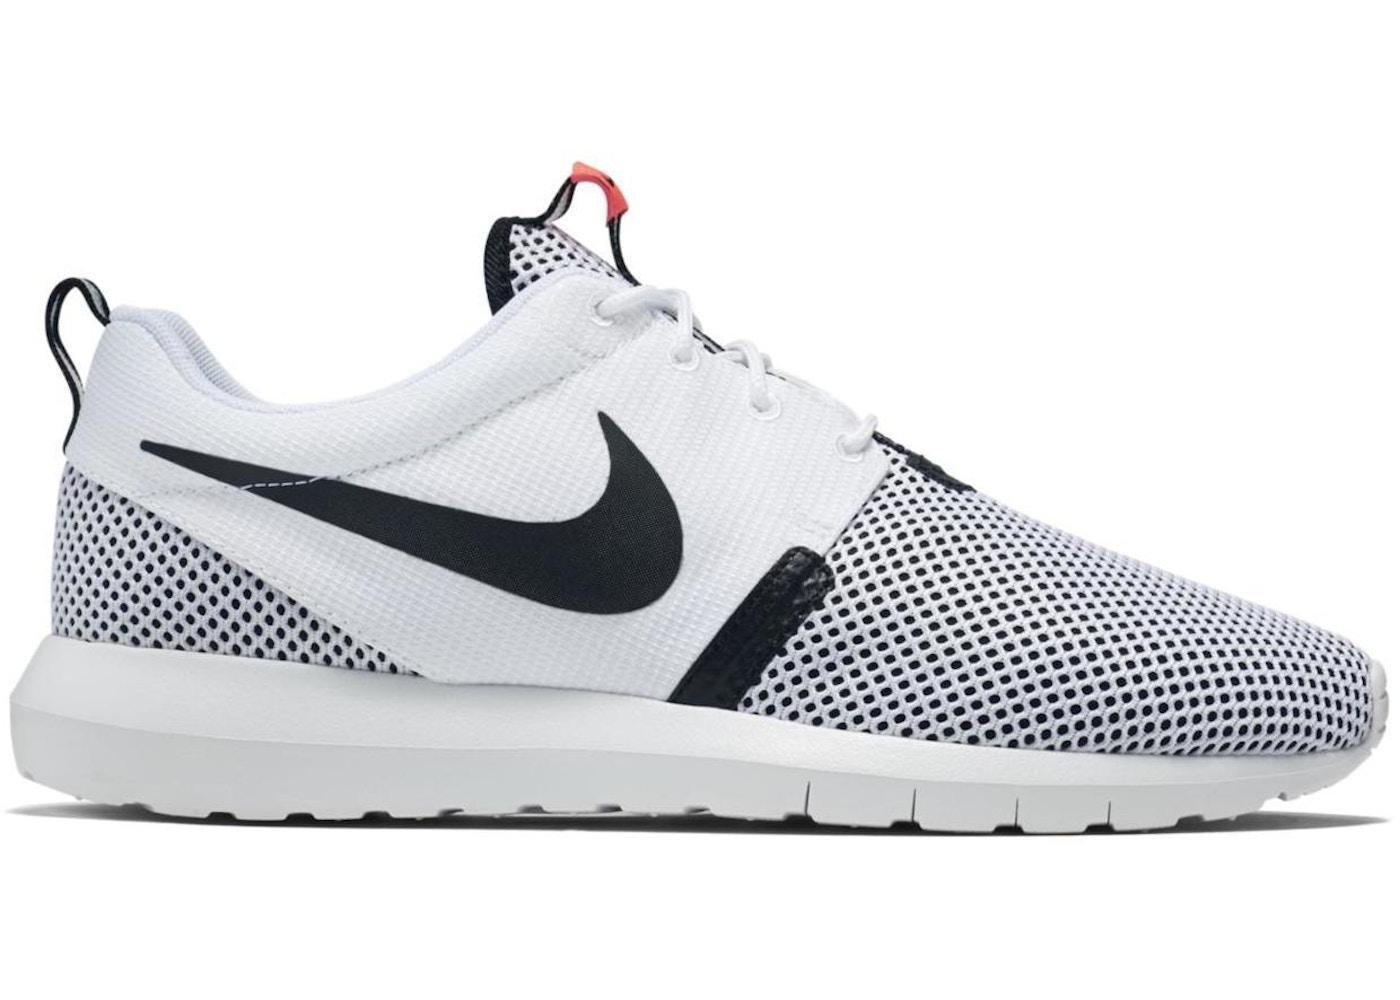 wholesale dealer 59d50 9c245 Nike Roshe Run Breeze White Black